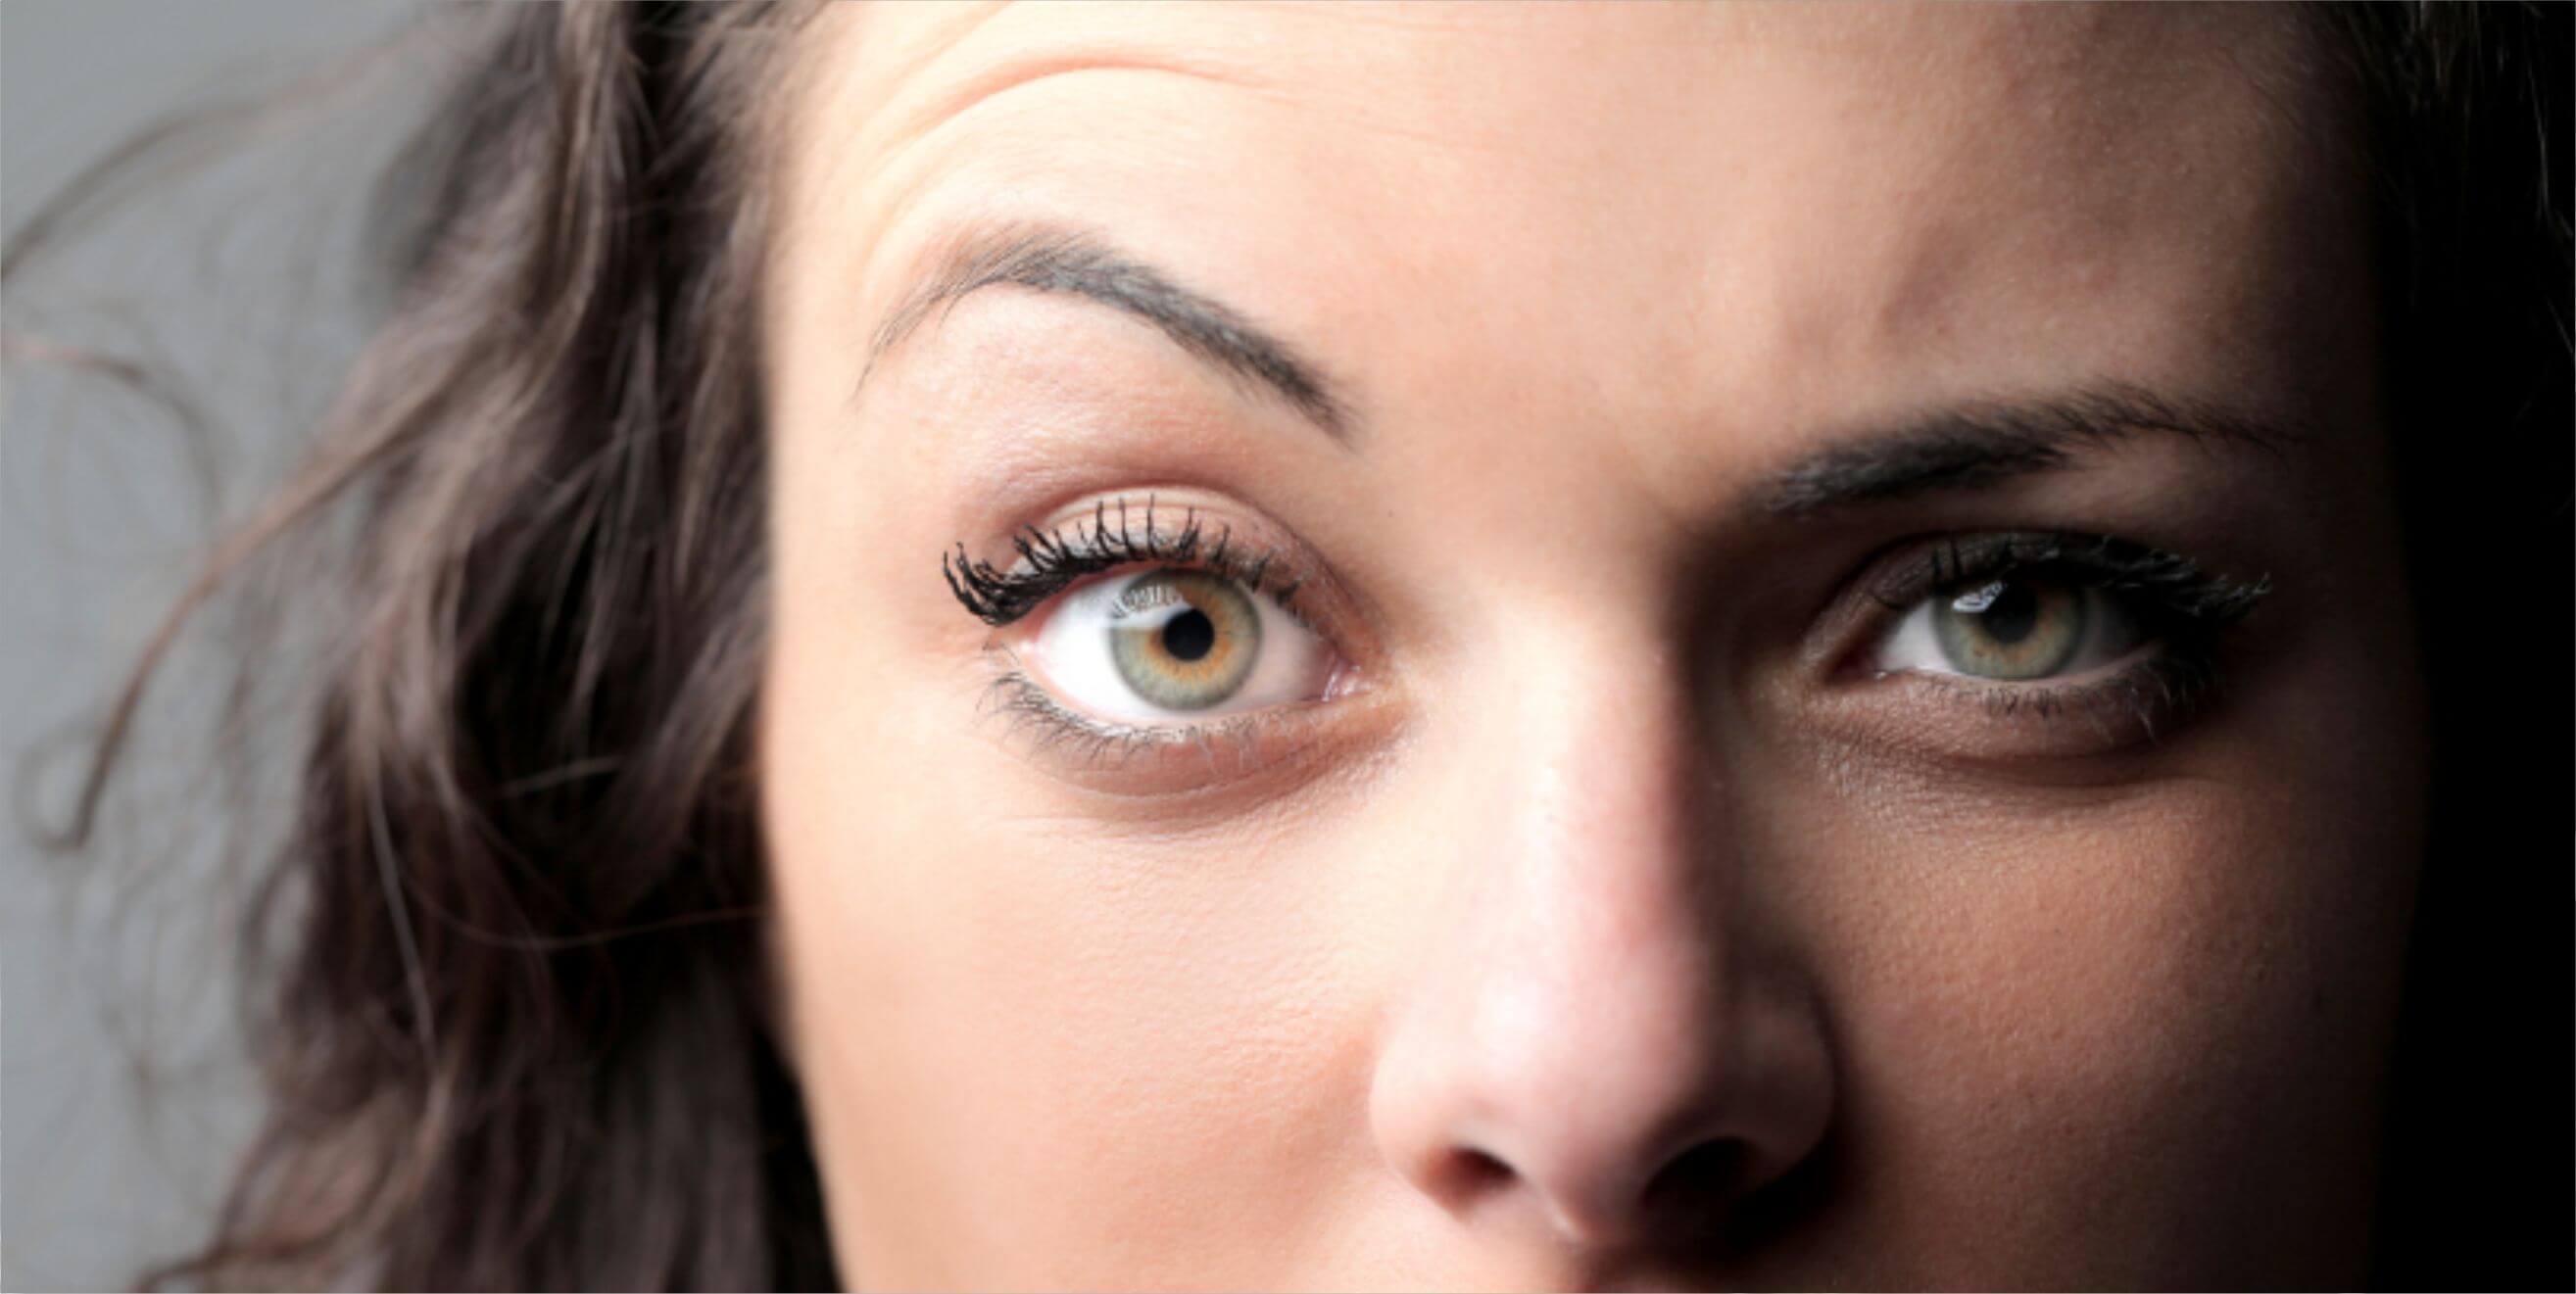 Один глаз выше другого причины как исправить дефект